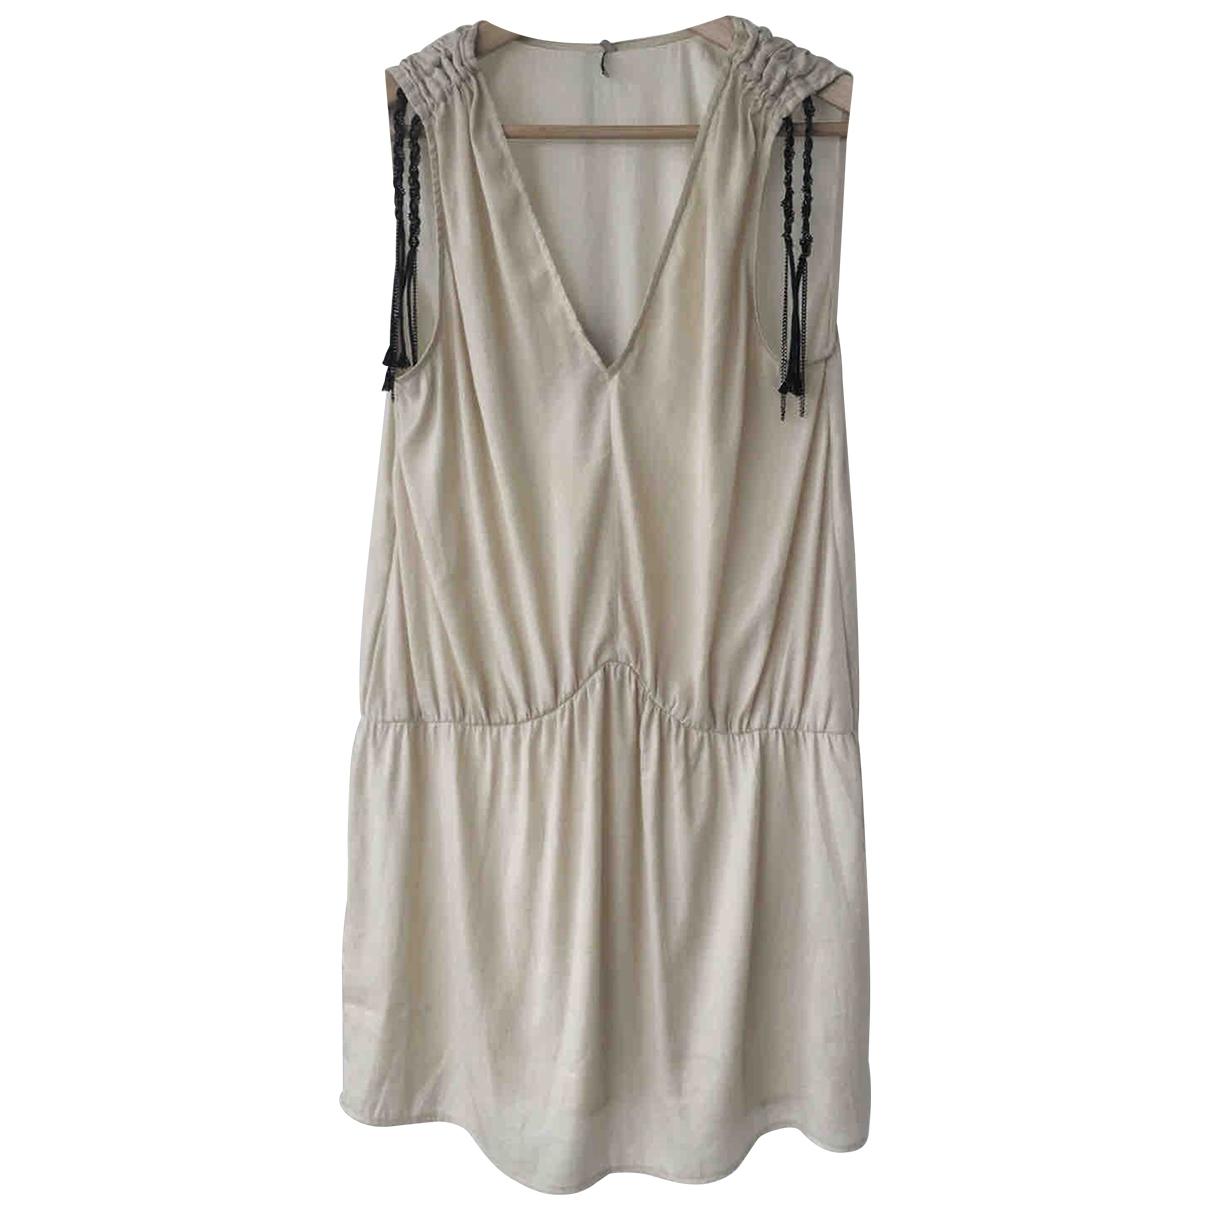 Iro \N Kleid in  Beige Polyester